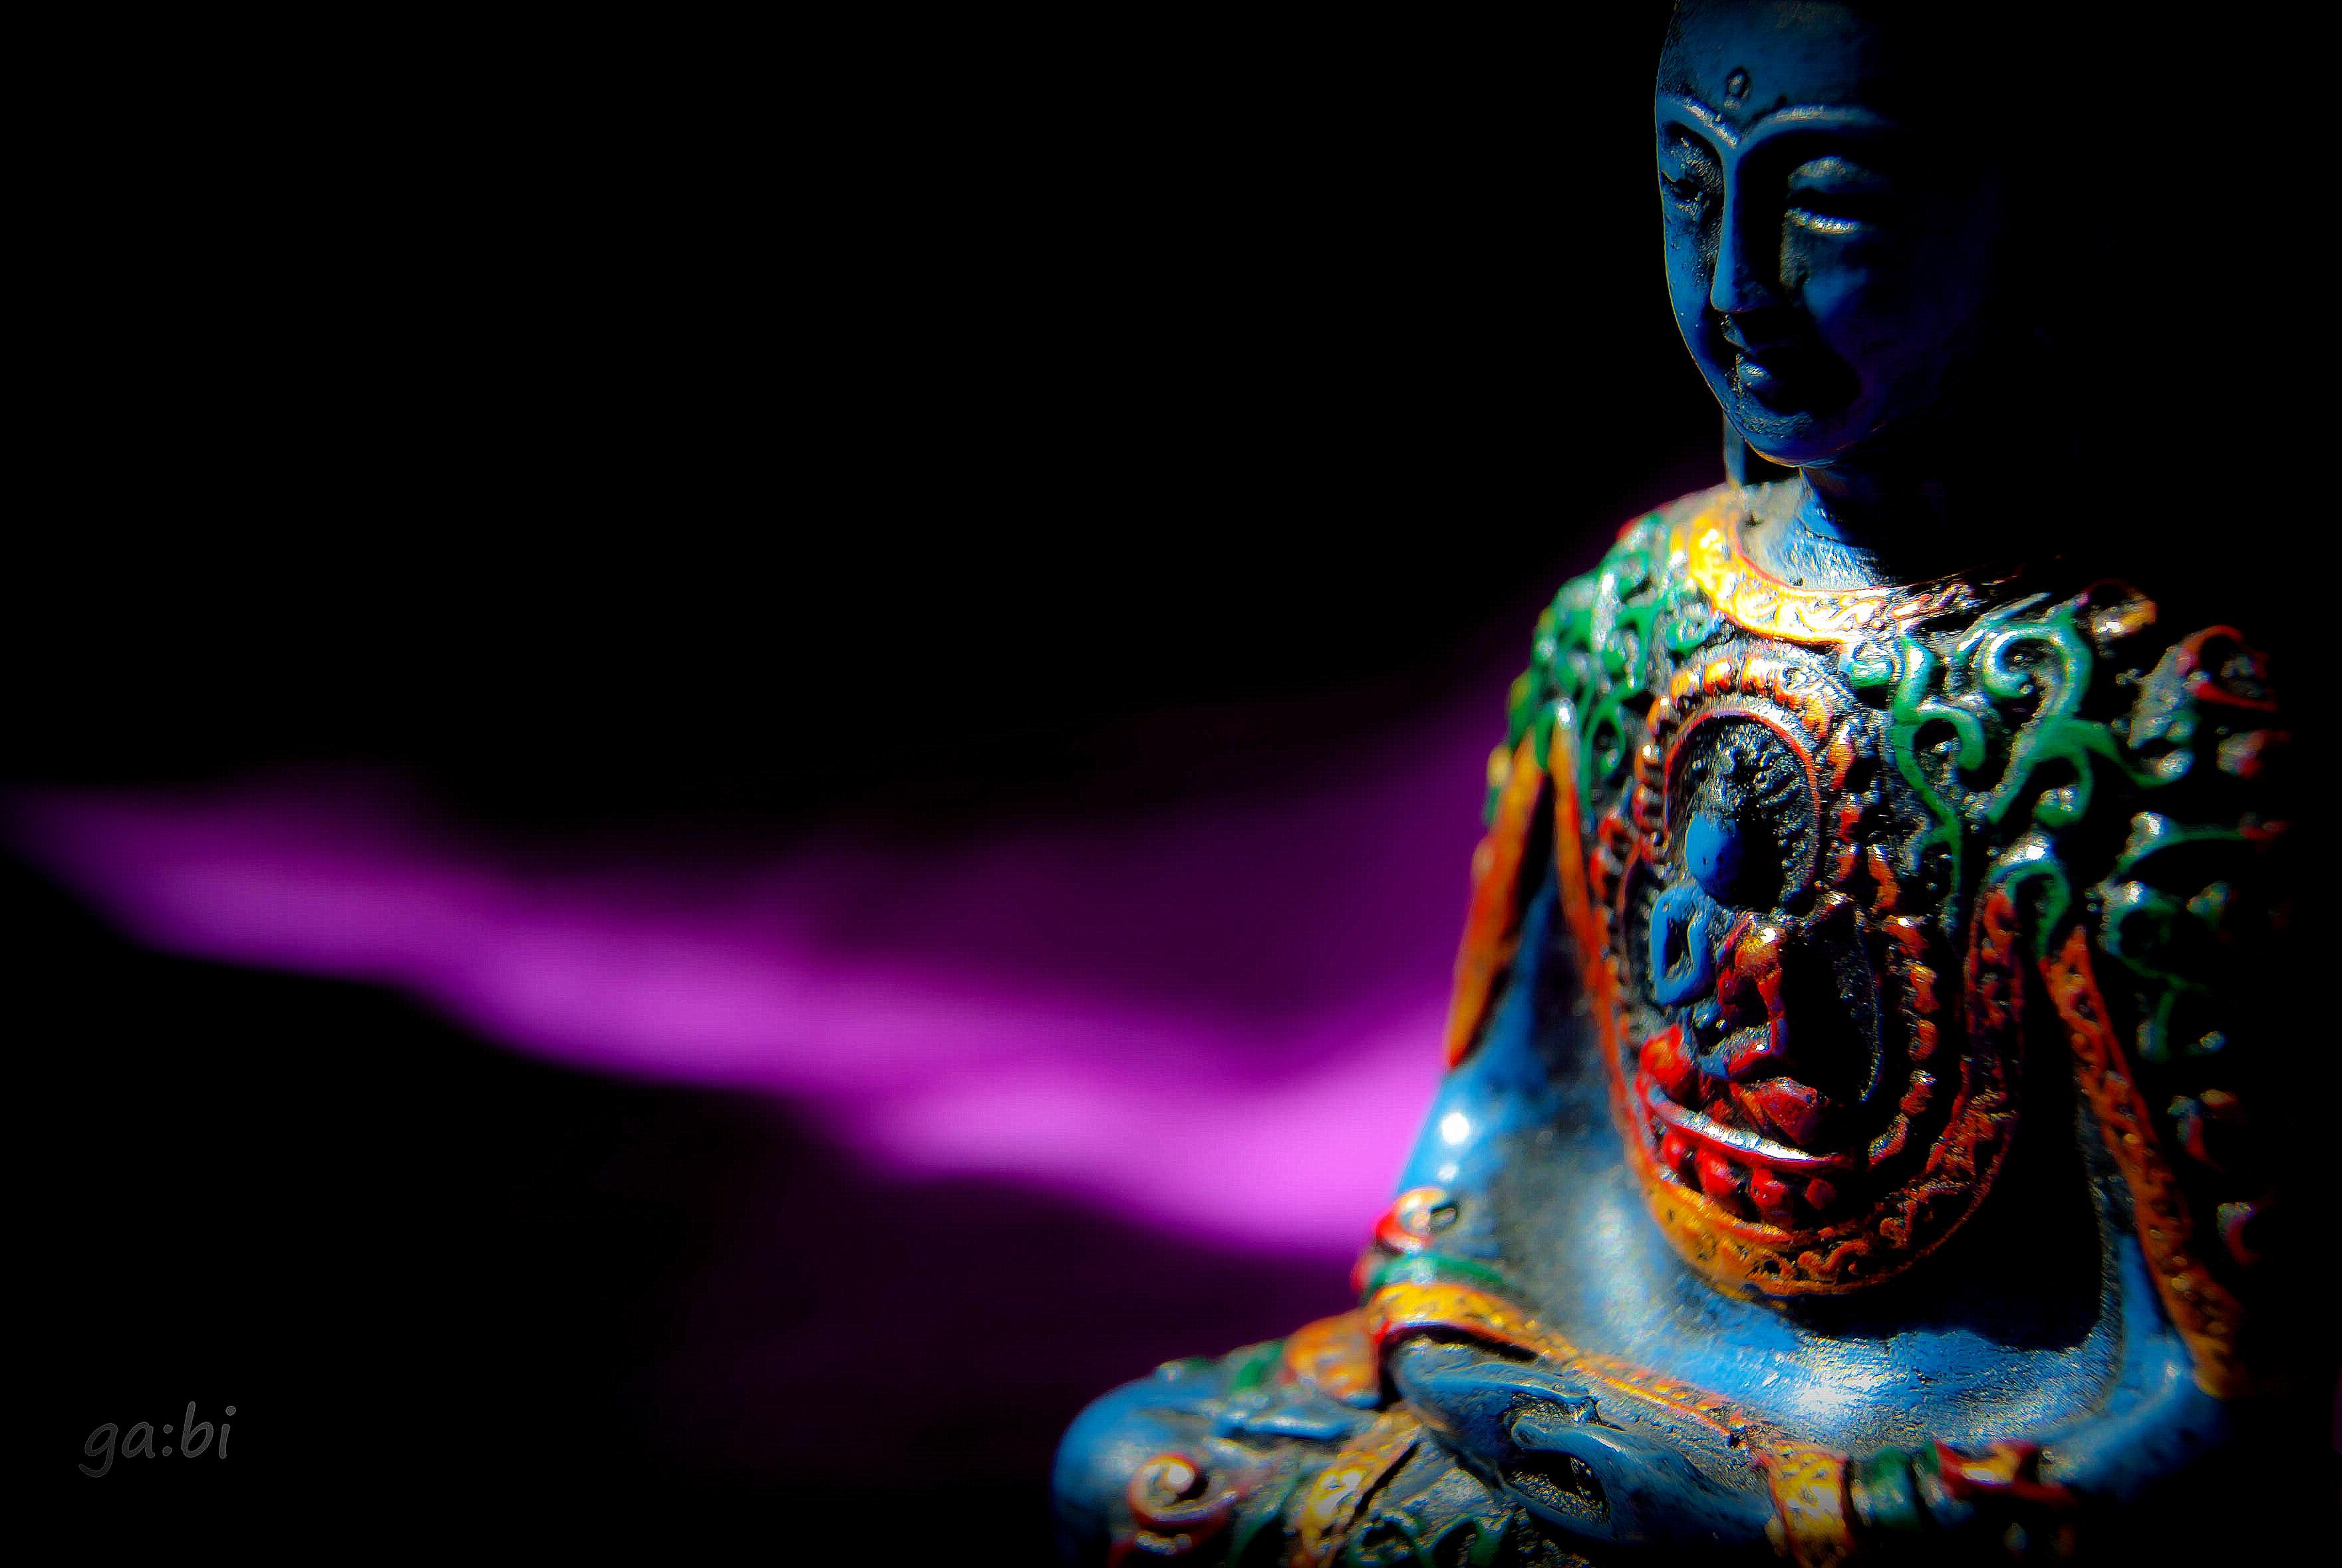 144935 скачать обои Разное, Будда, Буддизм, Медитация, Статуэтка, Скульптура, Тени, Темный - заставки и картинки бесплатно